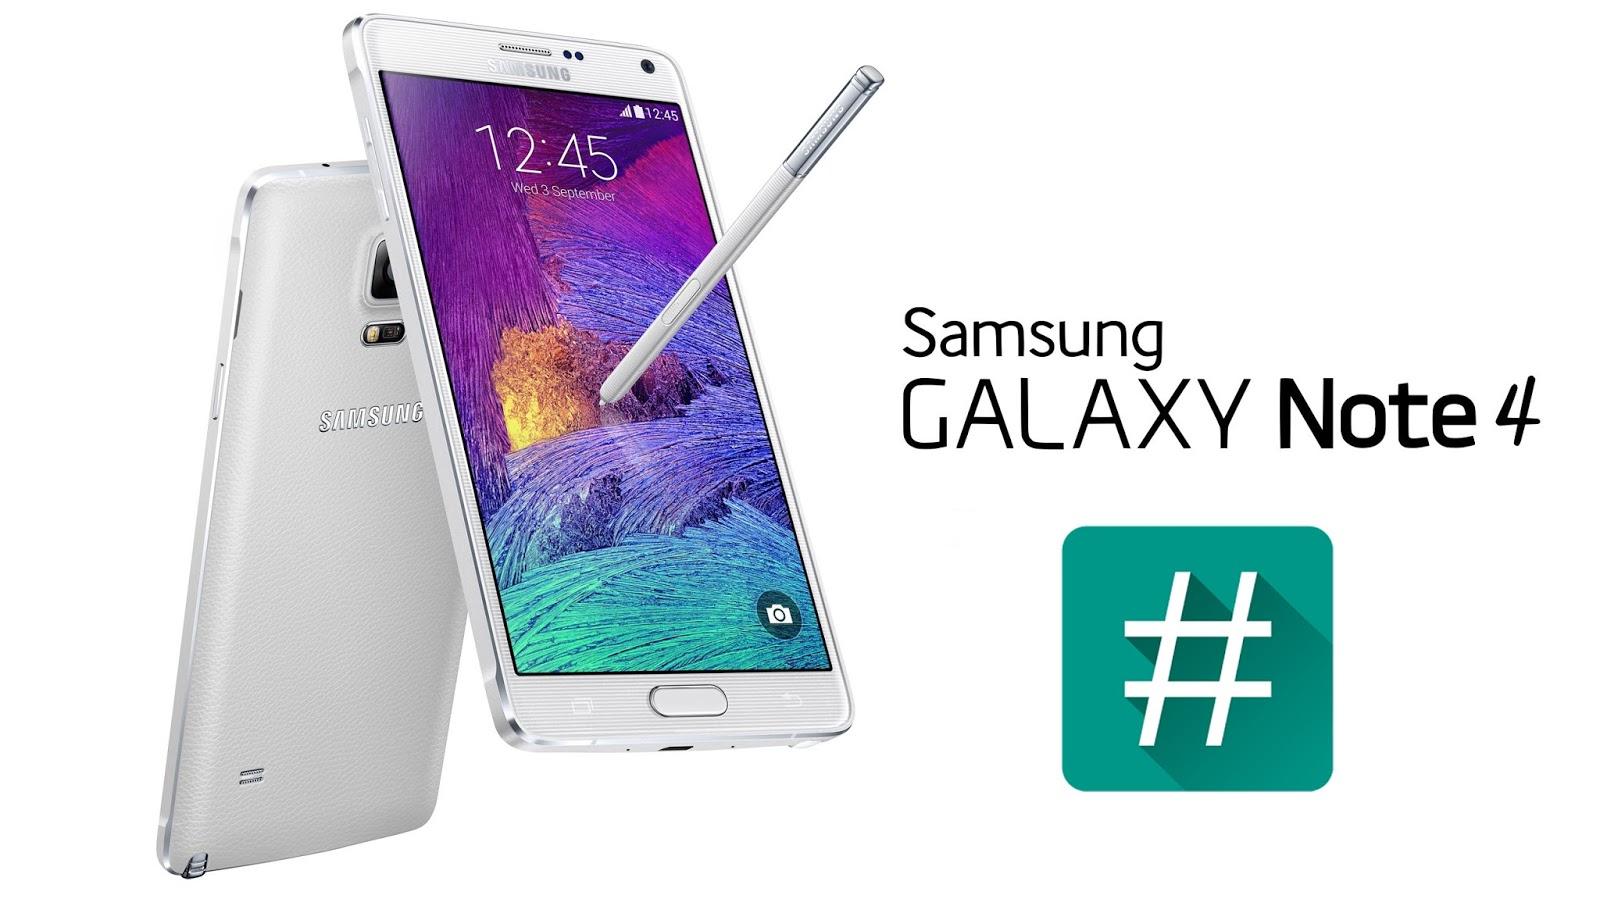 Samsung Galaxy Note 4 SM-N910H ဖုန်းဗားရှင်း 6 0 1